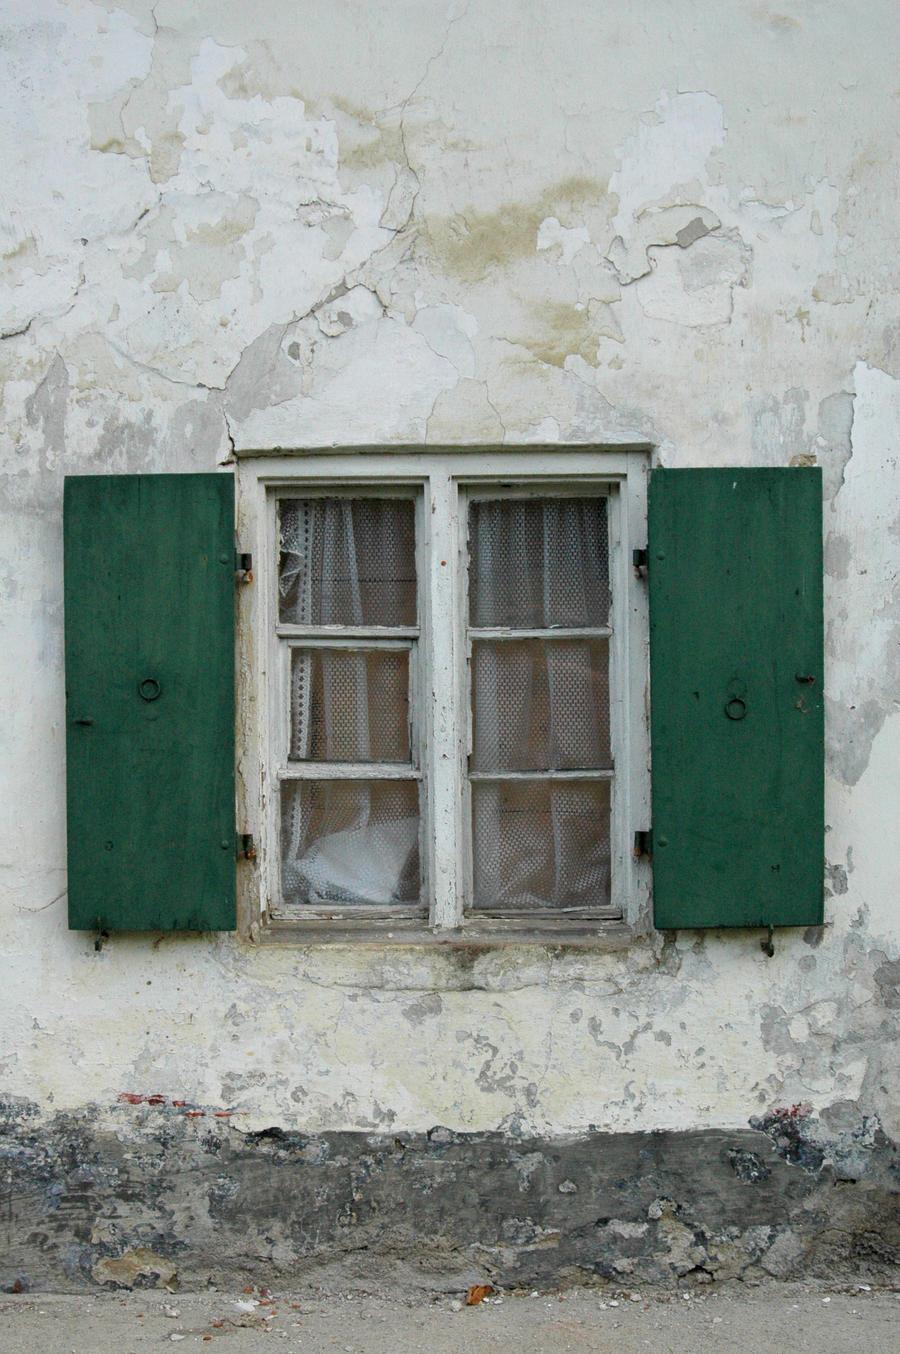 old window green shutters by BlokkStox